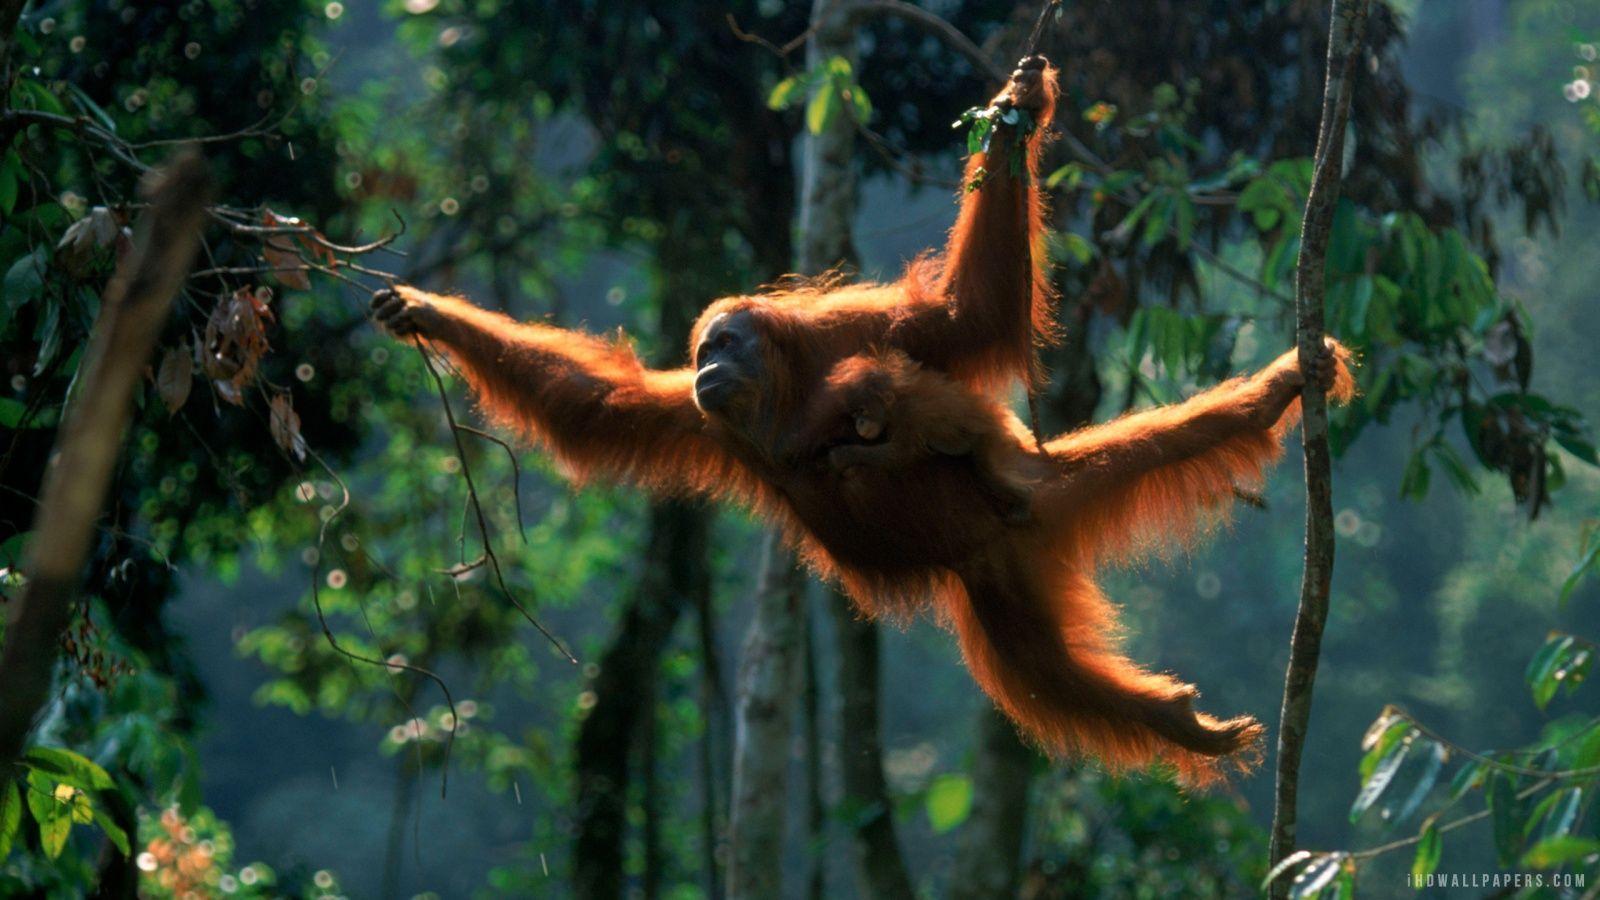 Orangutan Hd Wallpapers Wallpaper Cave